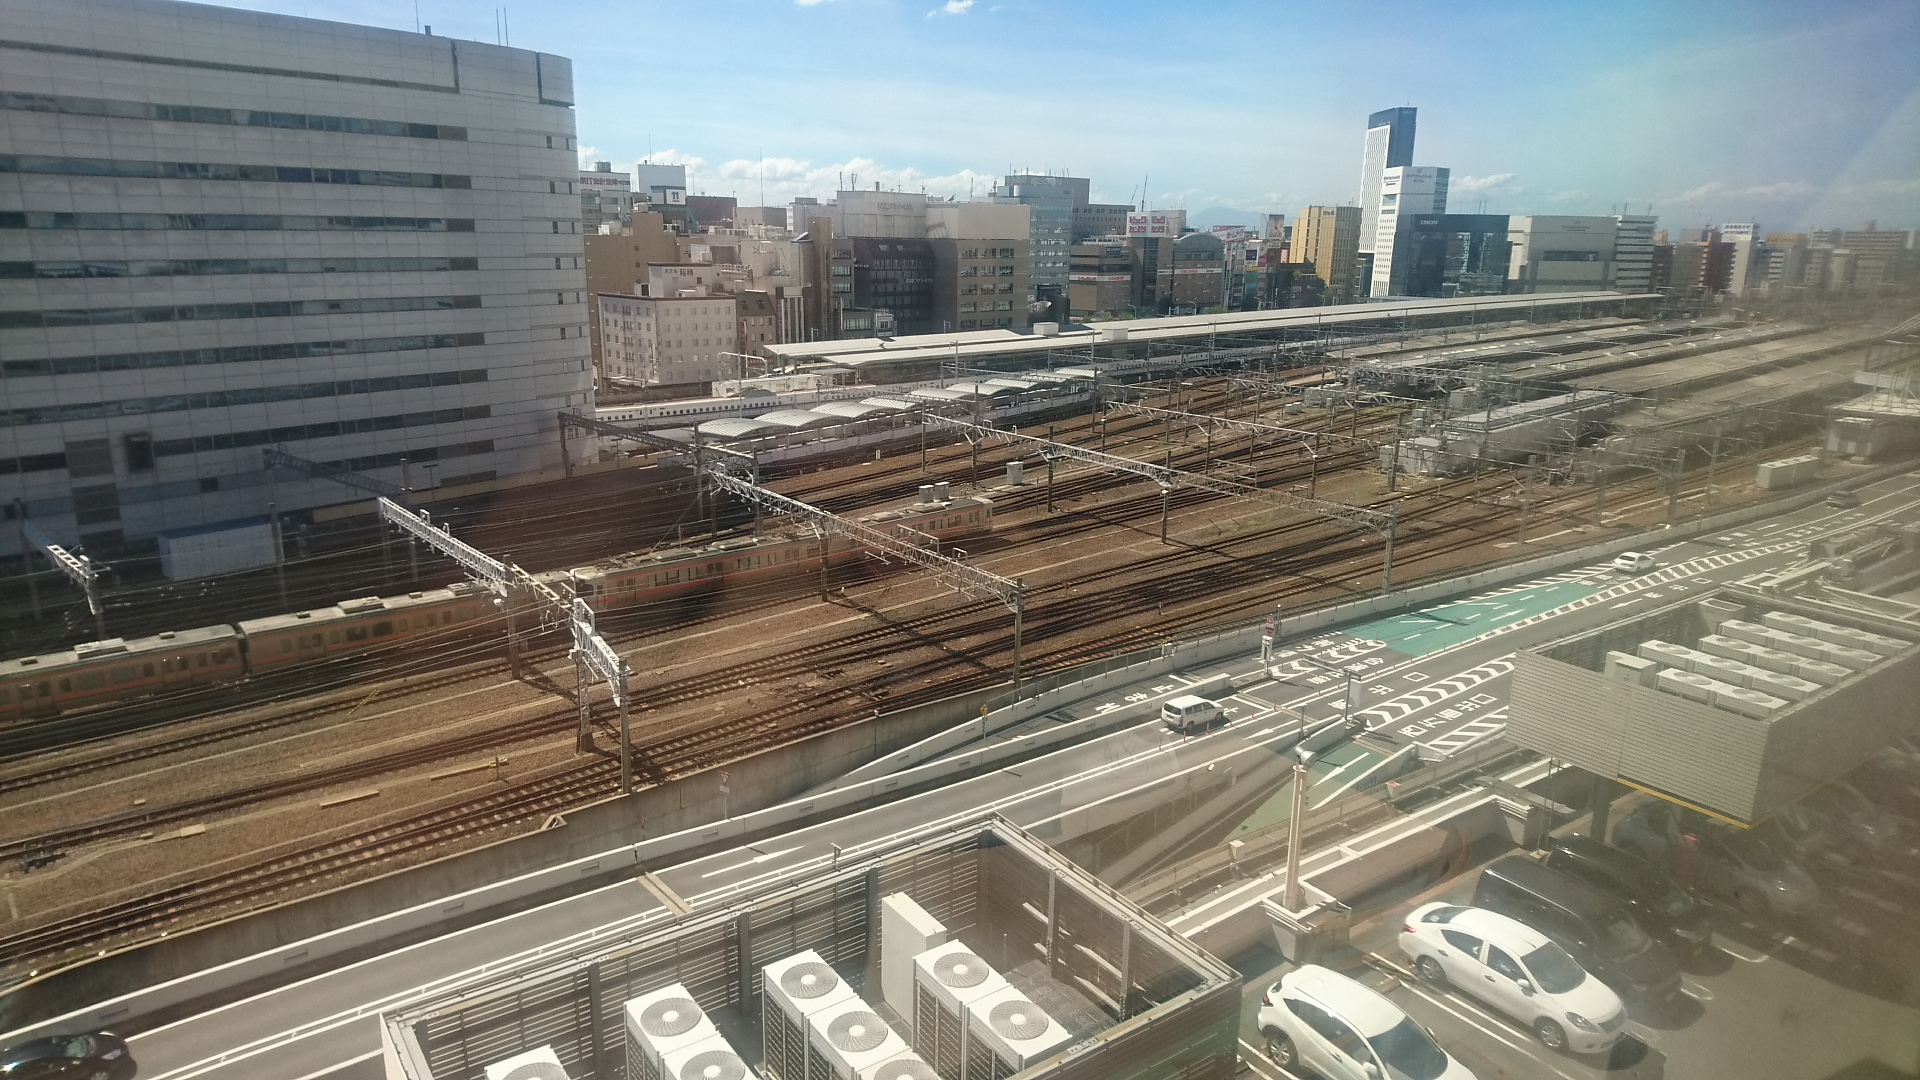 2018.8.22 (10あ) 名鉄バスセンターからJR名古屋駅をみおろす 1920-1080